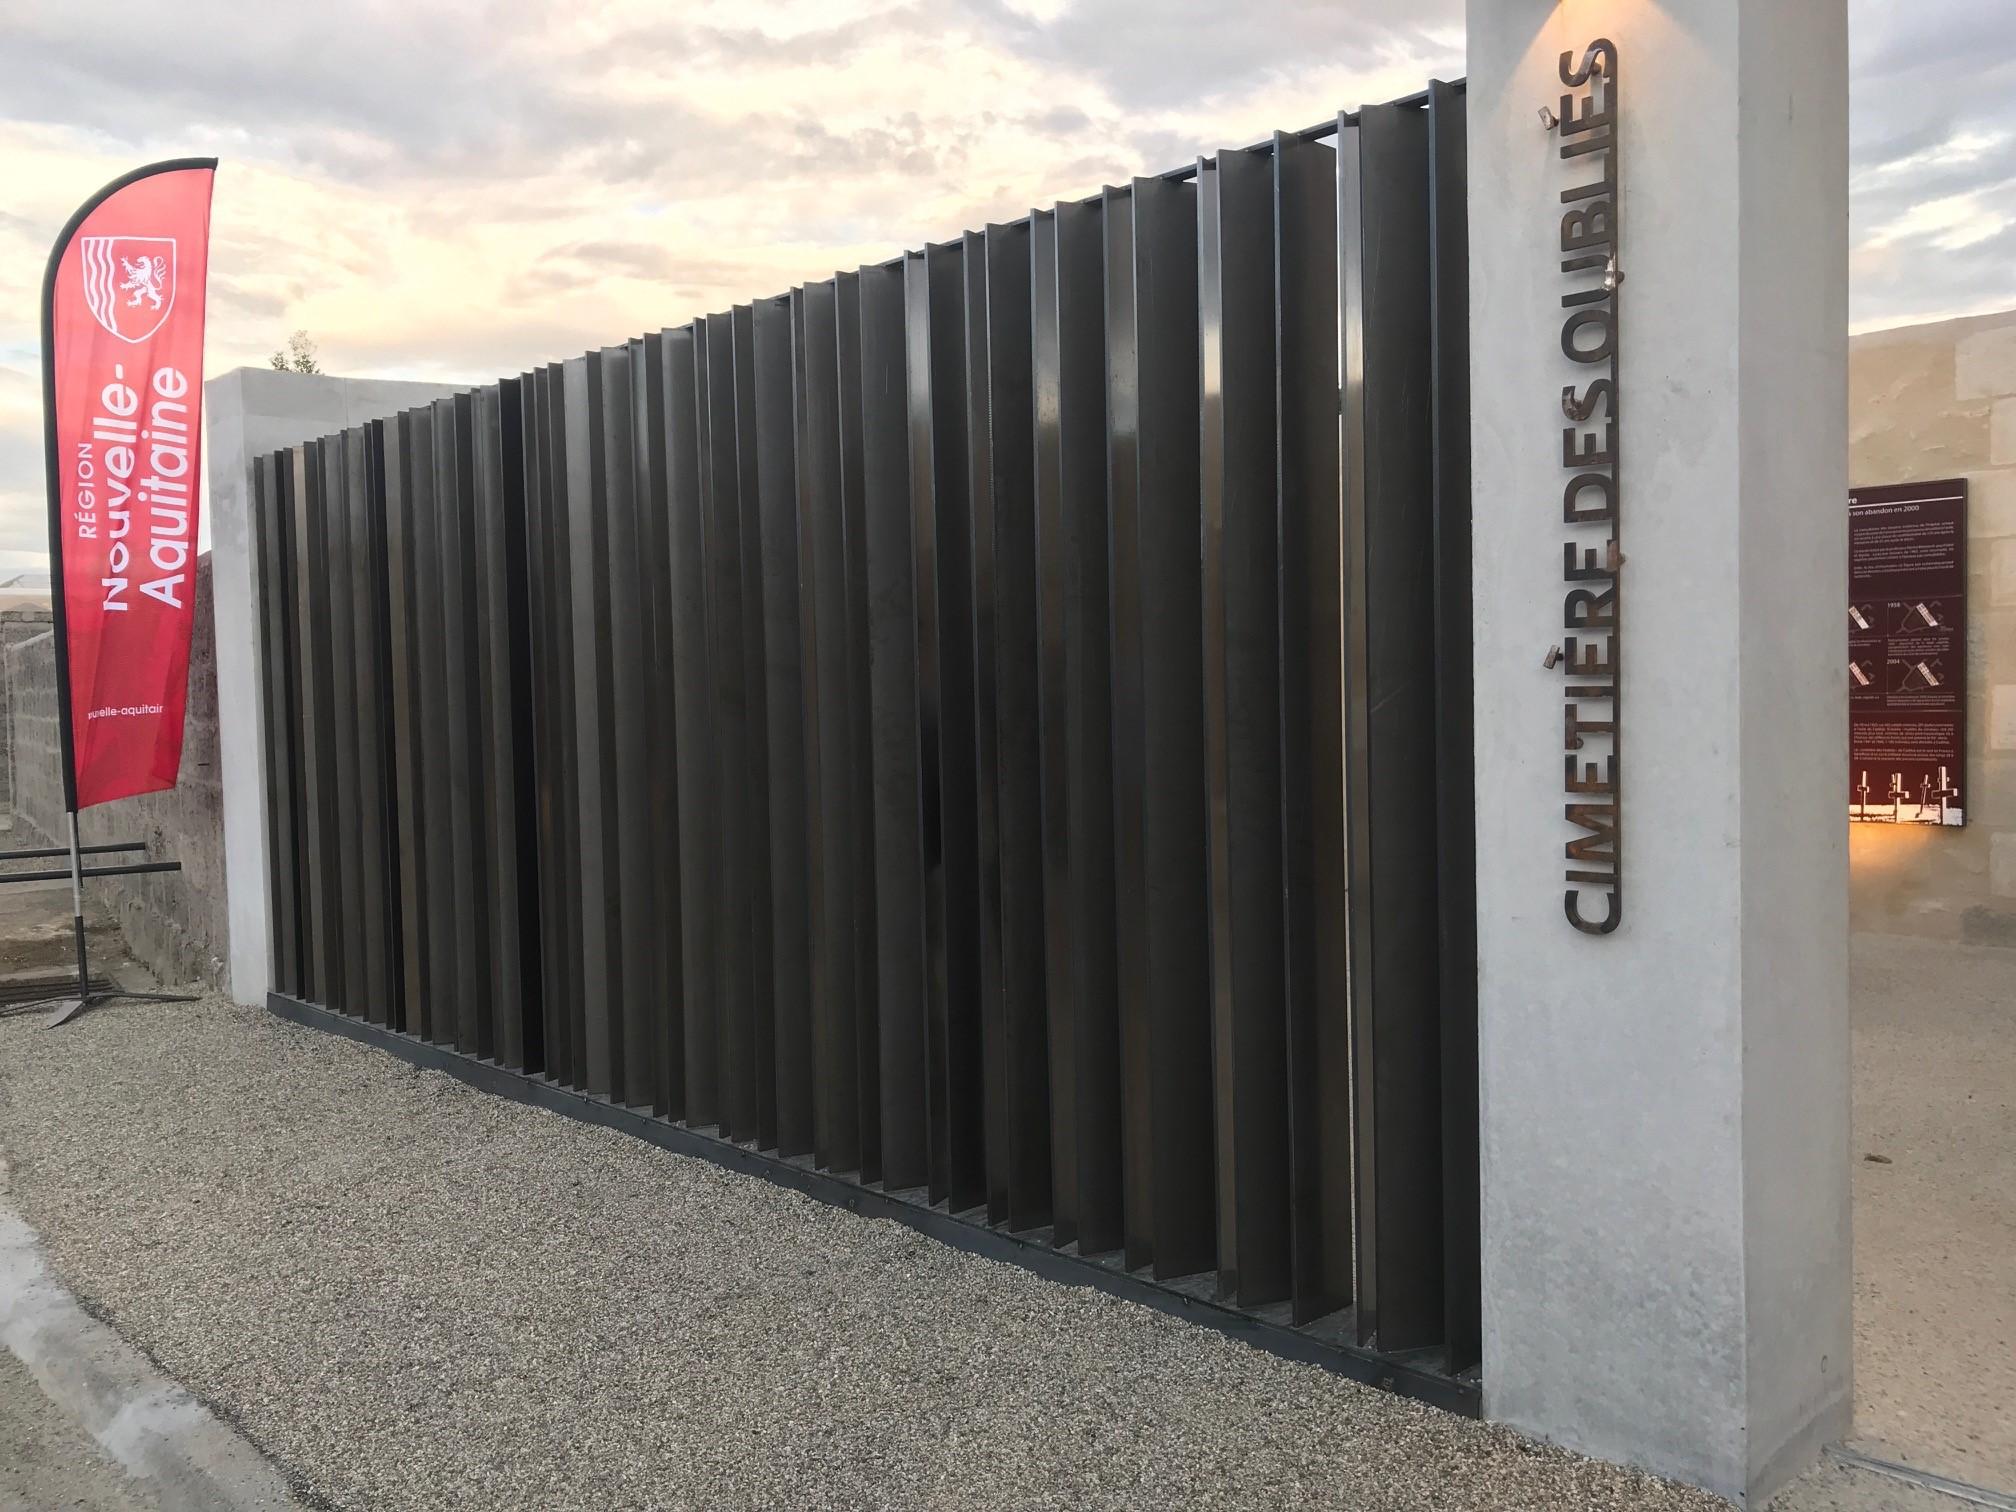 Chantier du mois : ferronnerie Cimetière des Oubliés de Cadillac